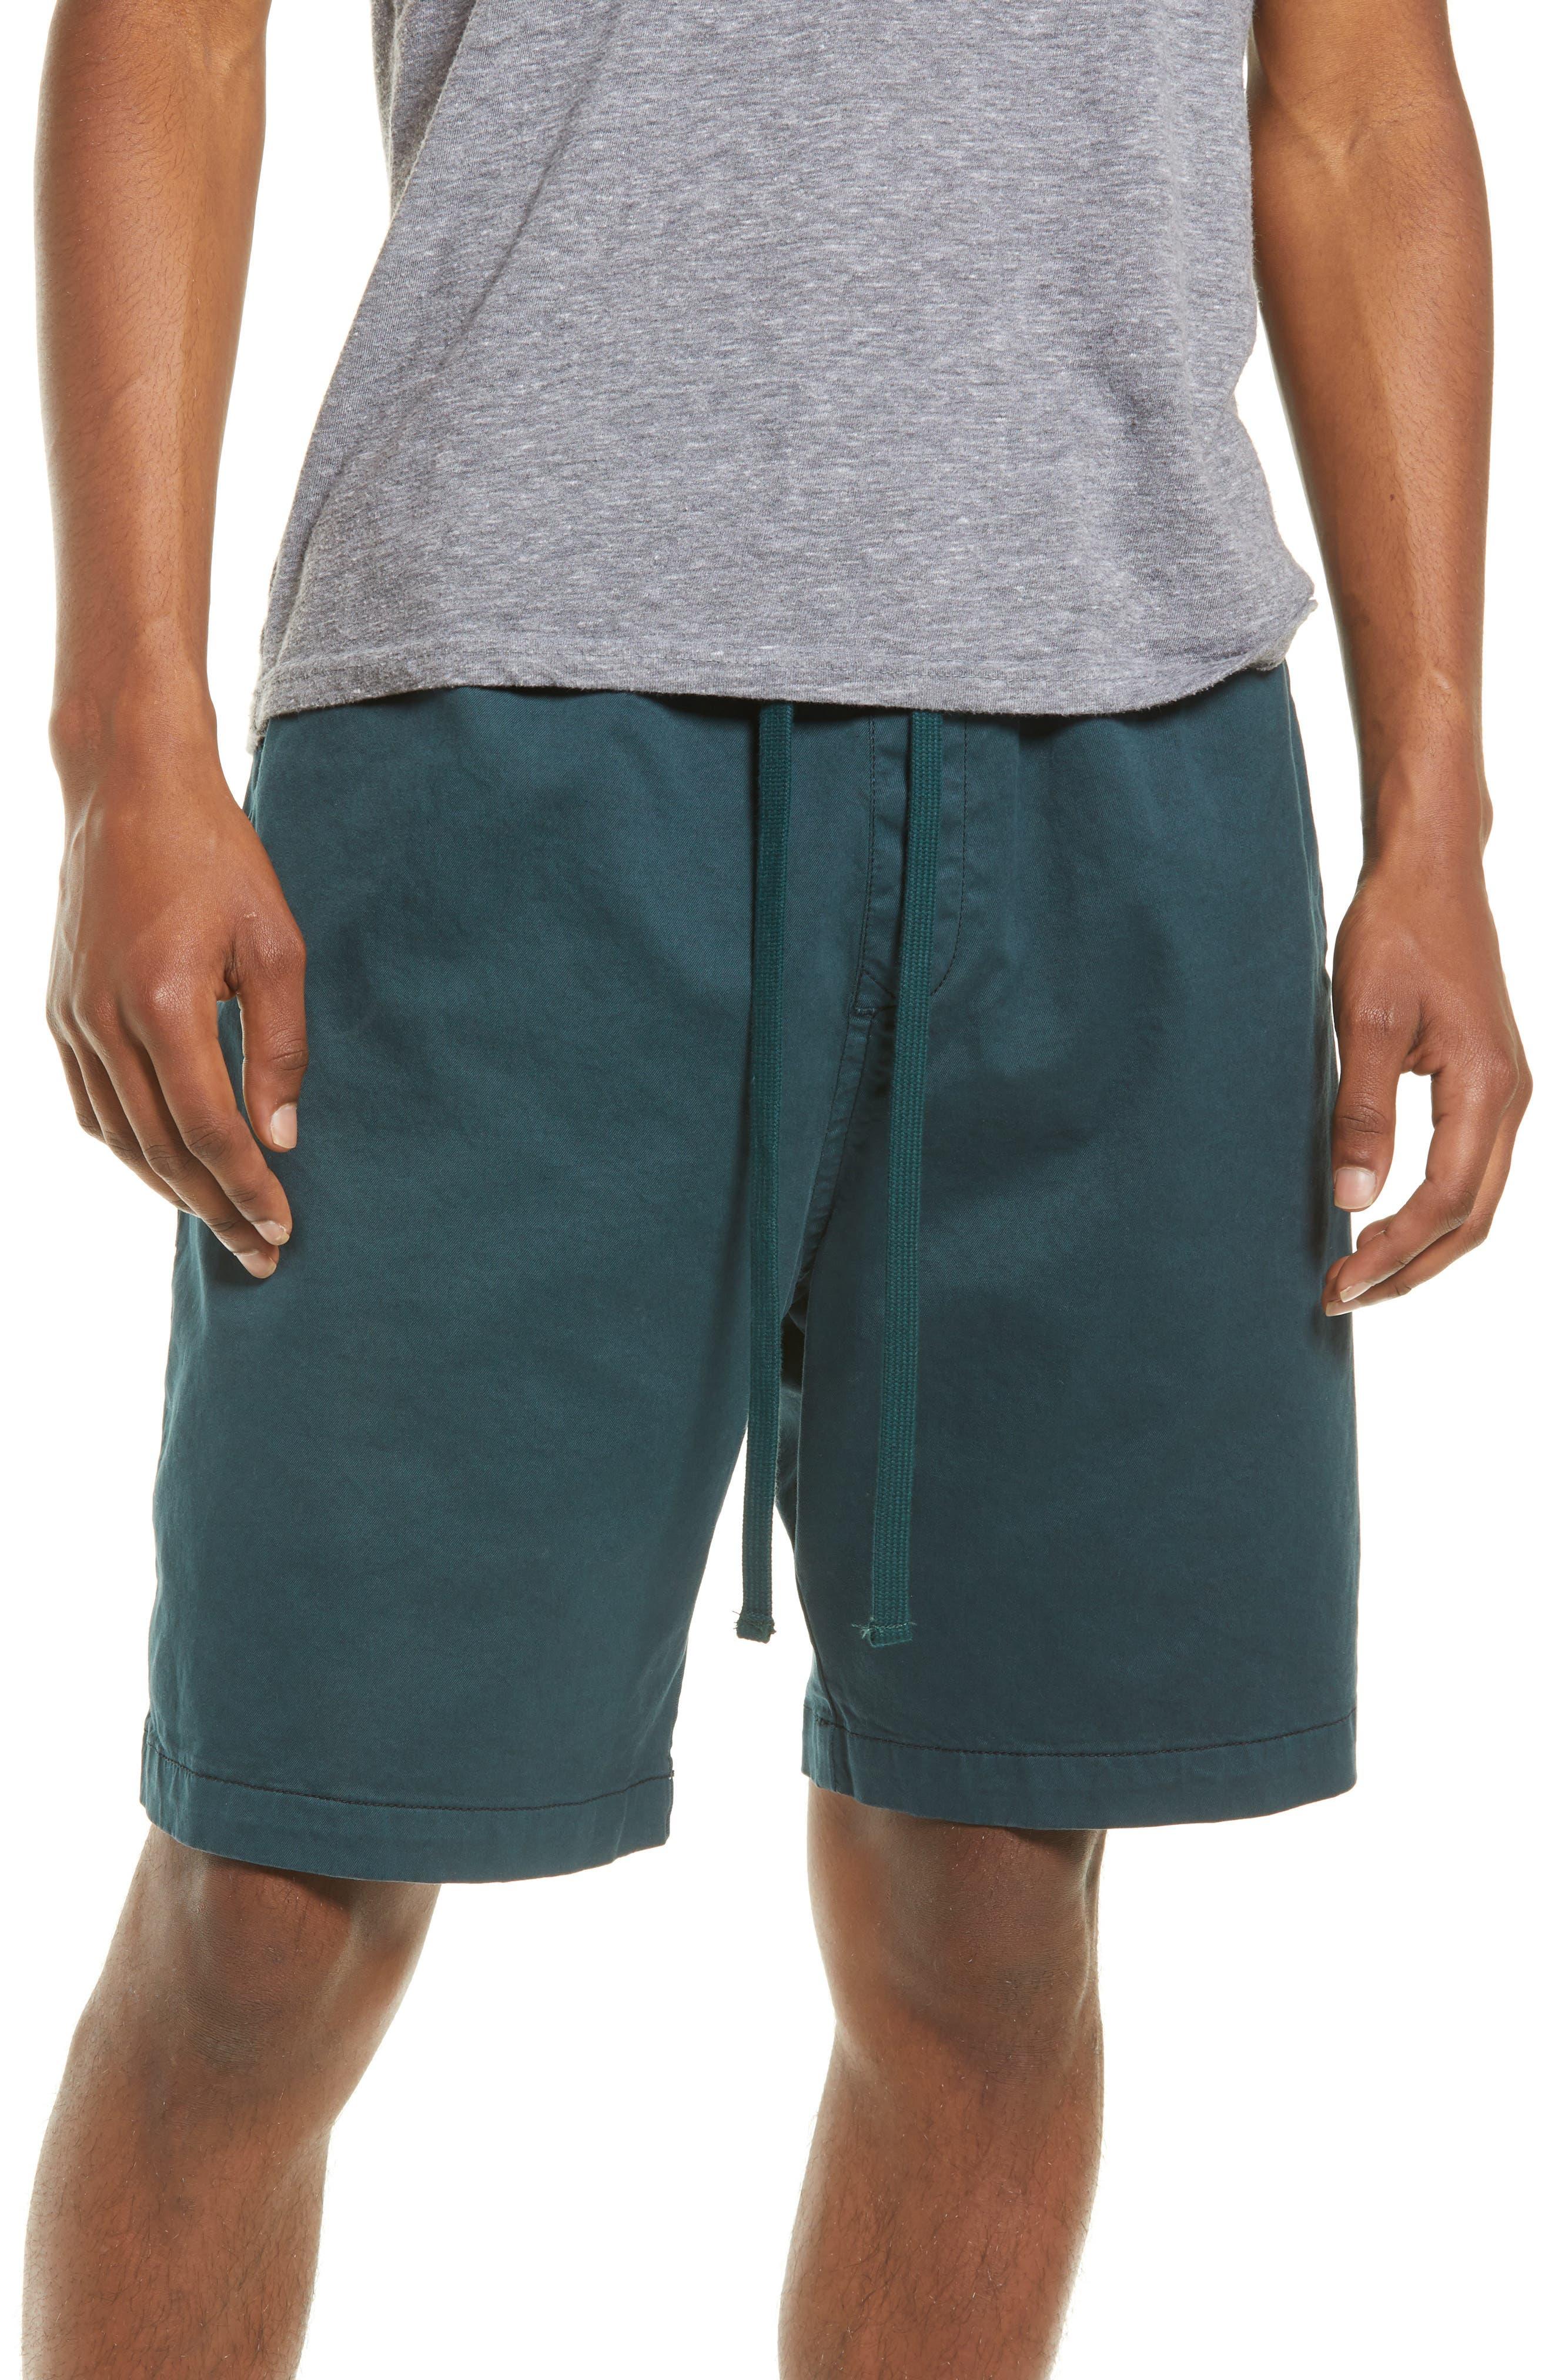 Men's Lawton Woven Stretch Drawstring Shorts